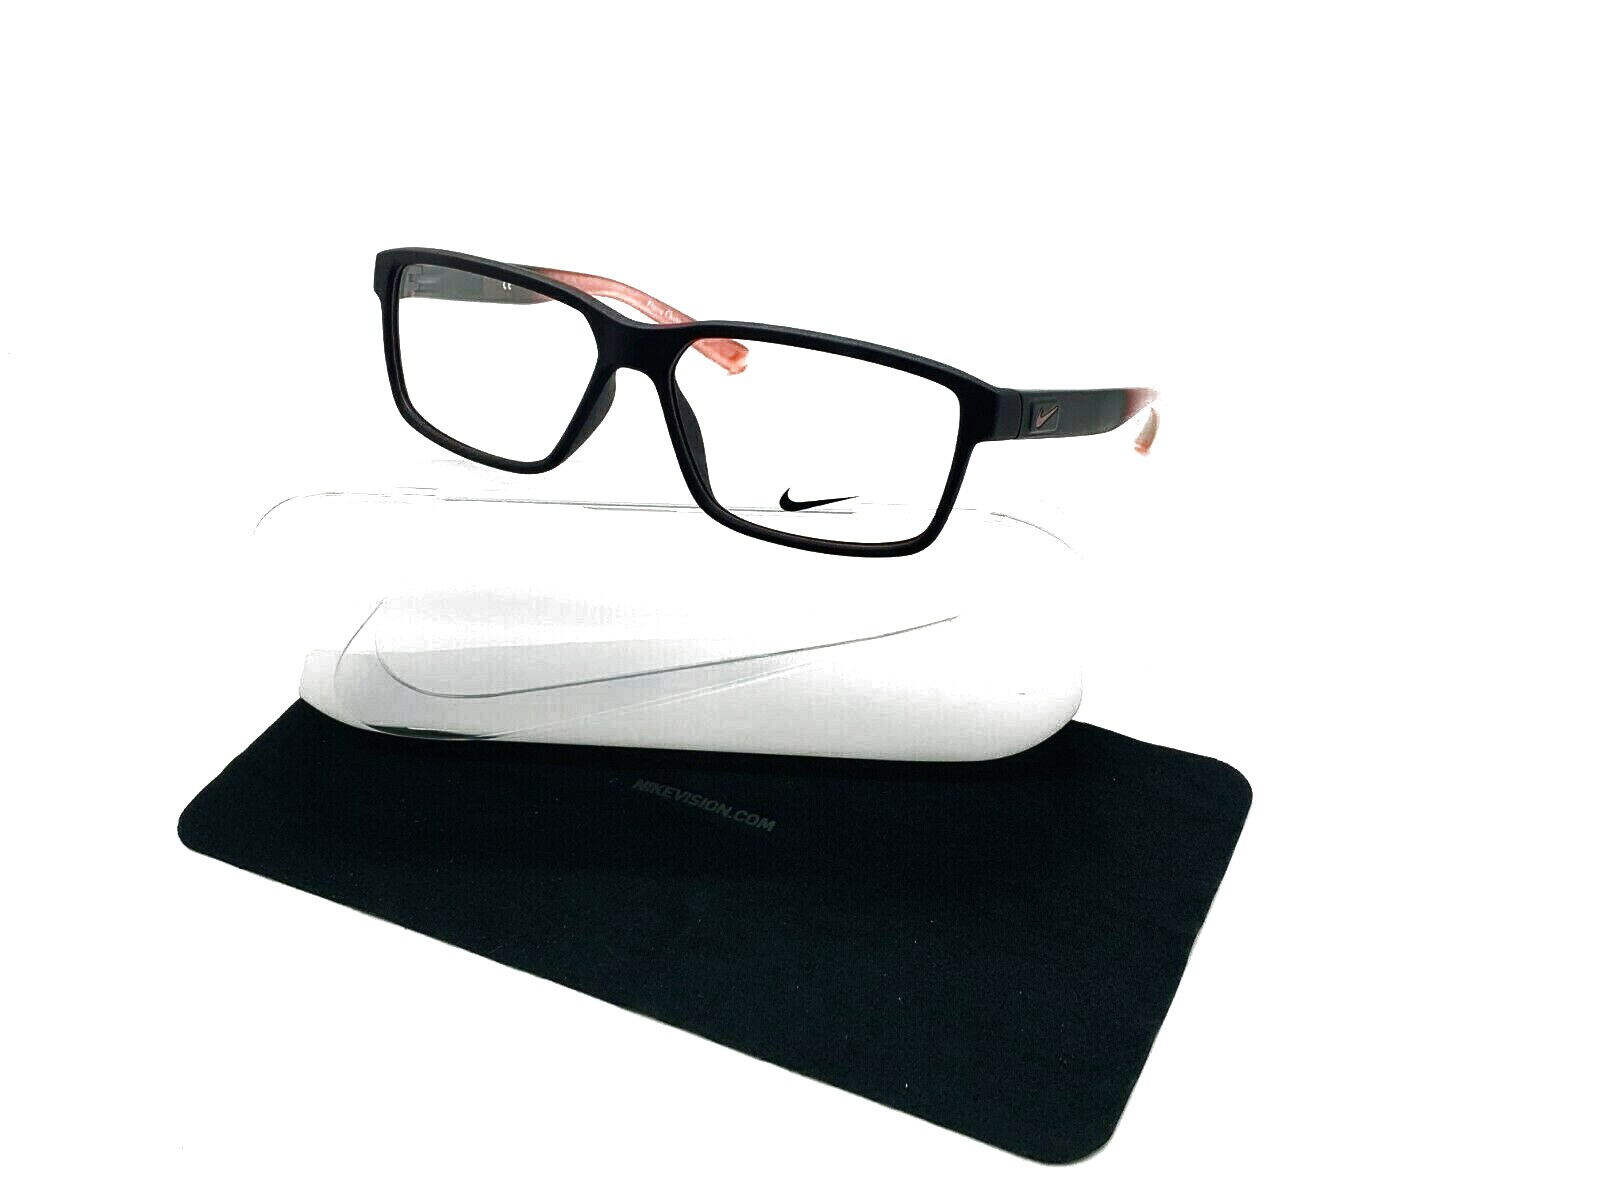 Primer ministro Medicina Forense esponja  NIKE 7092 603 Eyeglasses Frame Burgundy 55 14 140 - Walmart.com -  Walmart.com